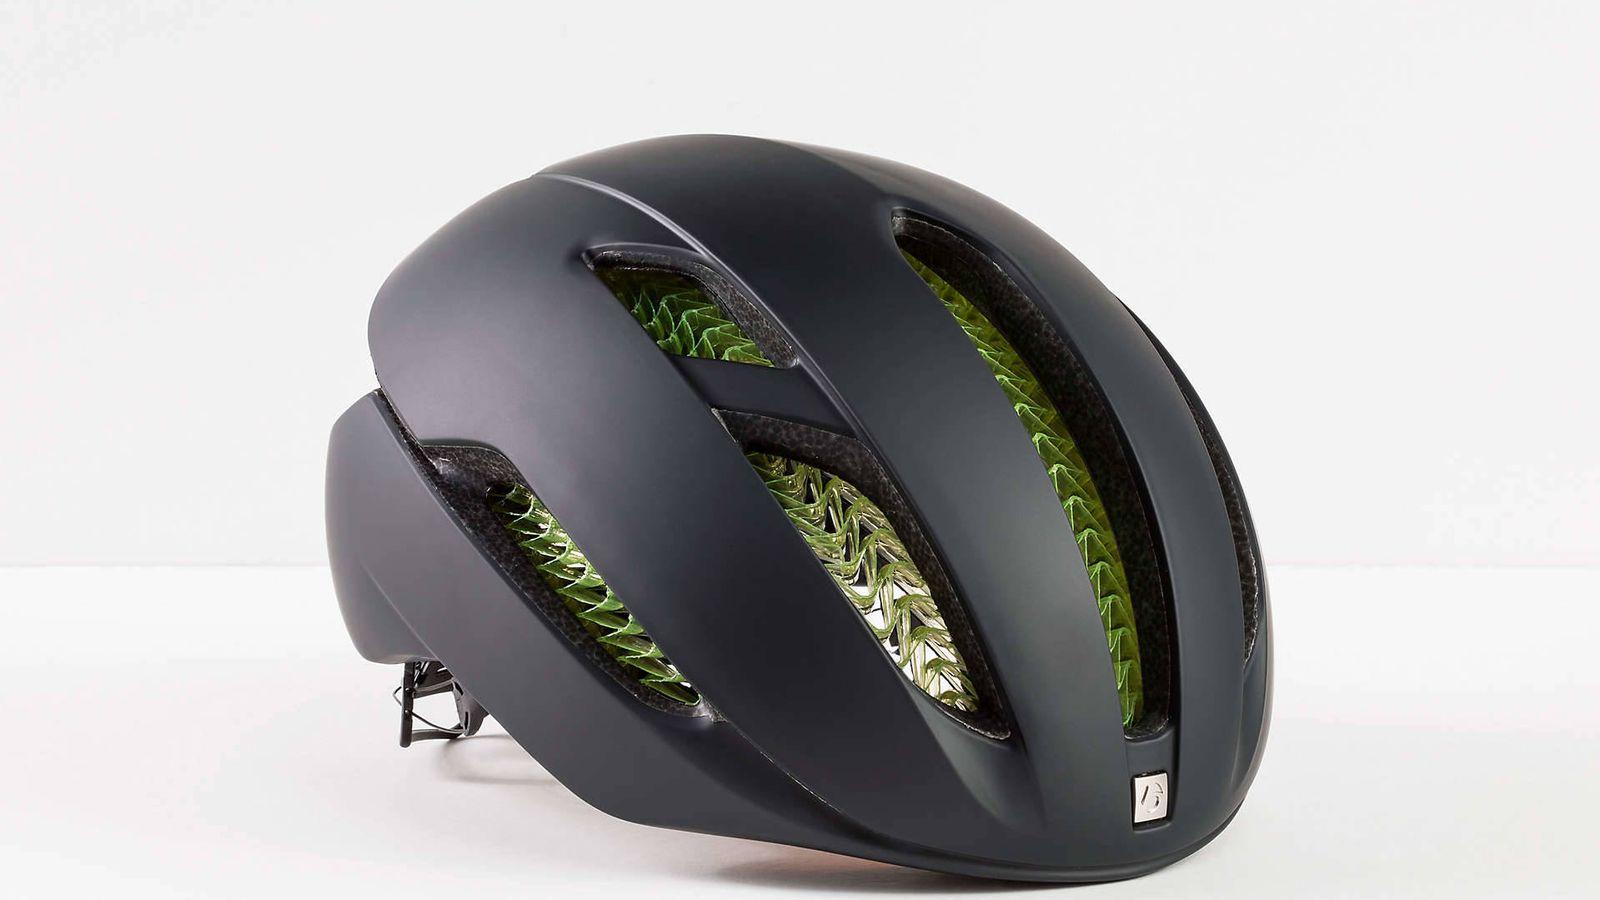 Foto: El 'WaveCel' desarrollado por Trek, lo último en seguridad del ciclismo. (Bontrager)